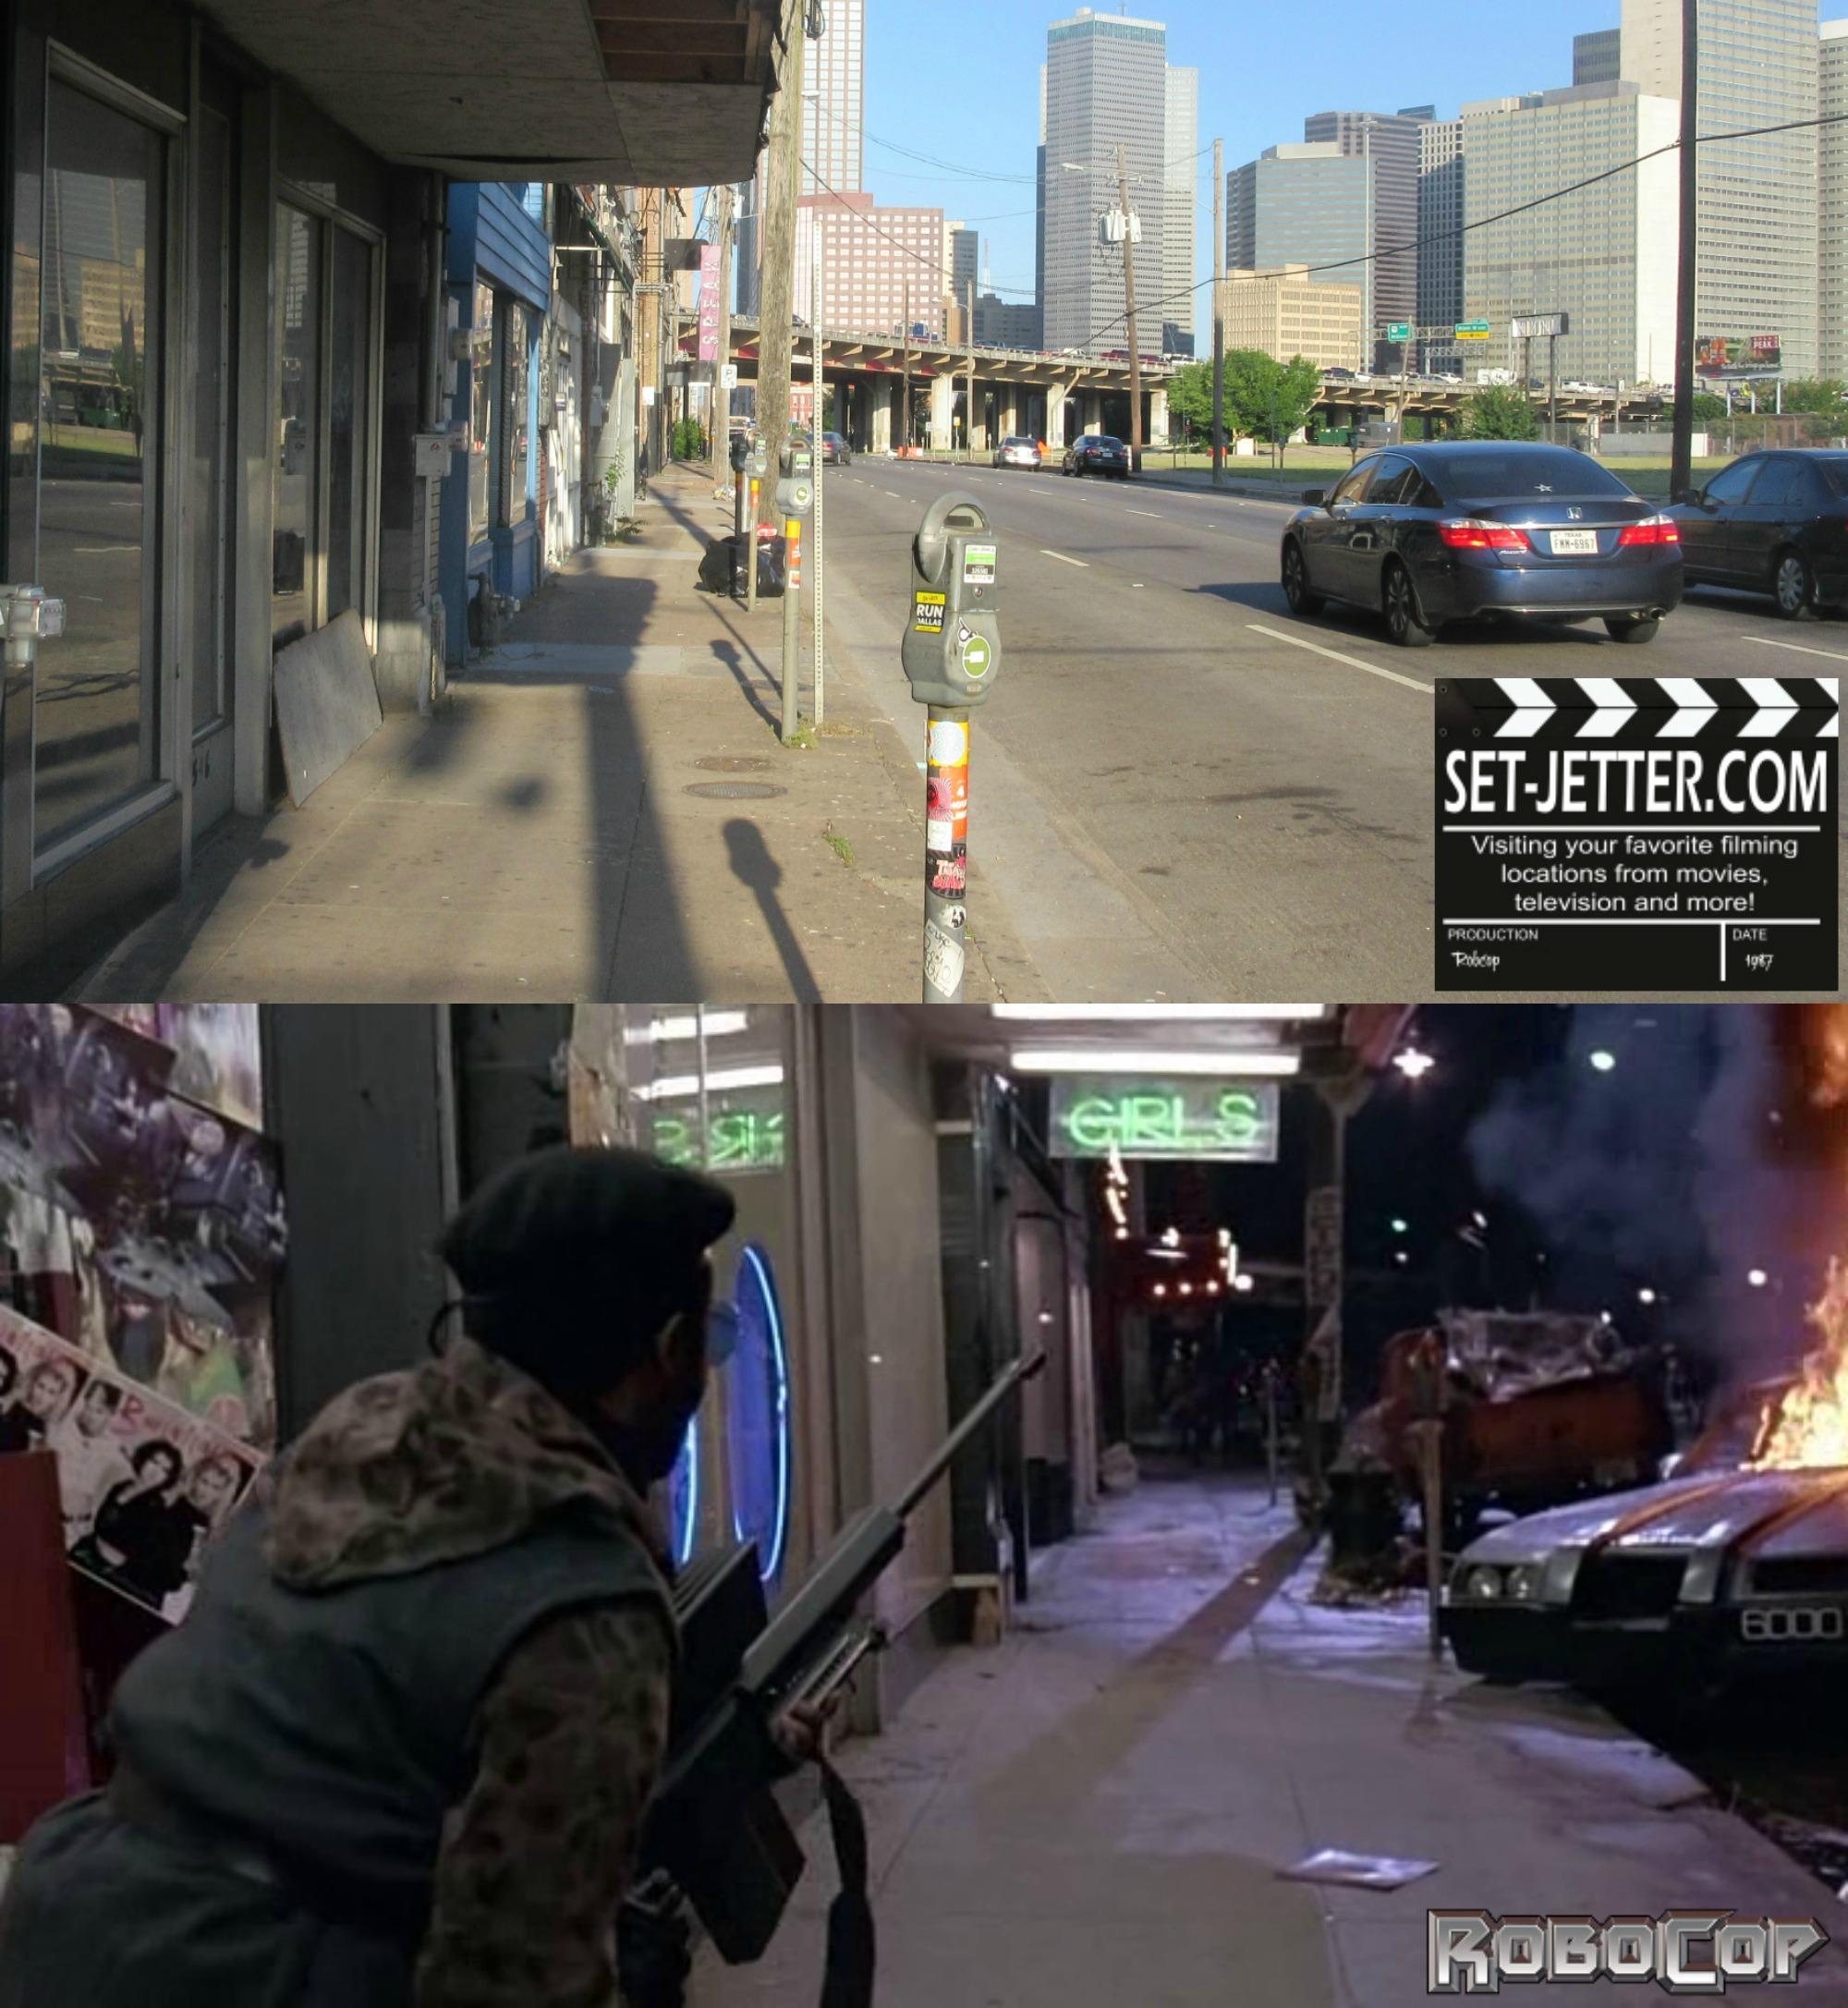 Robocop comparison 142.jpg